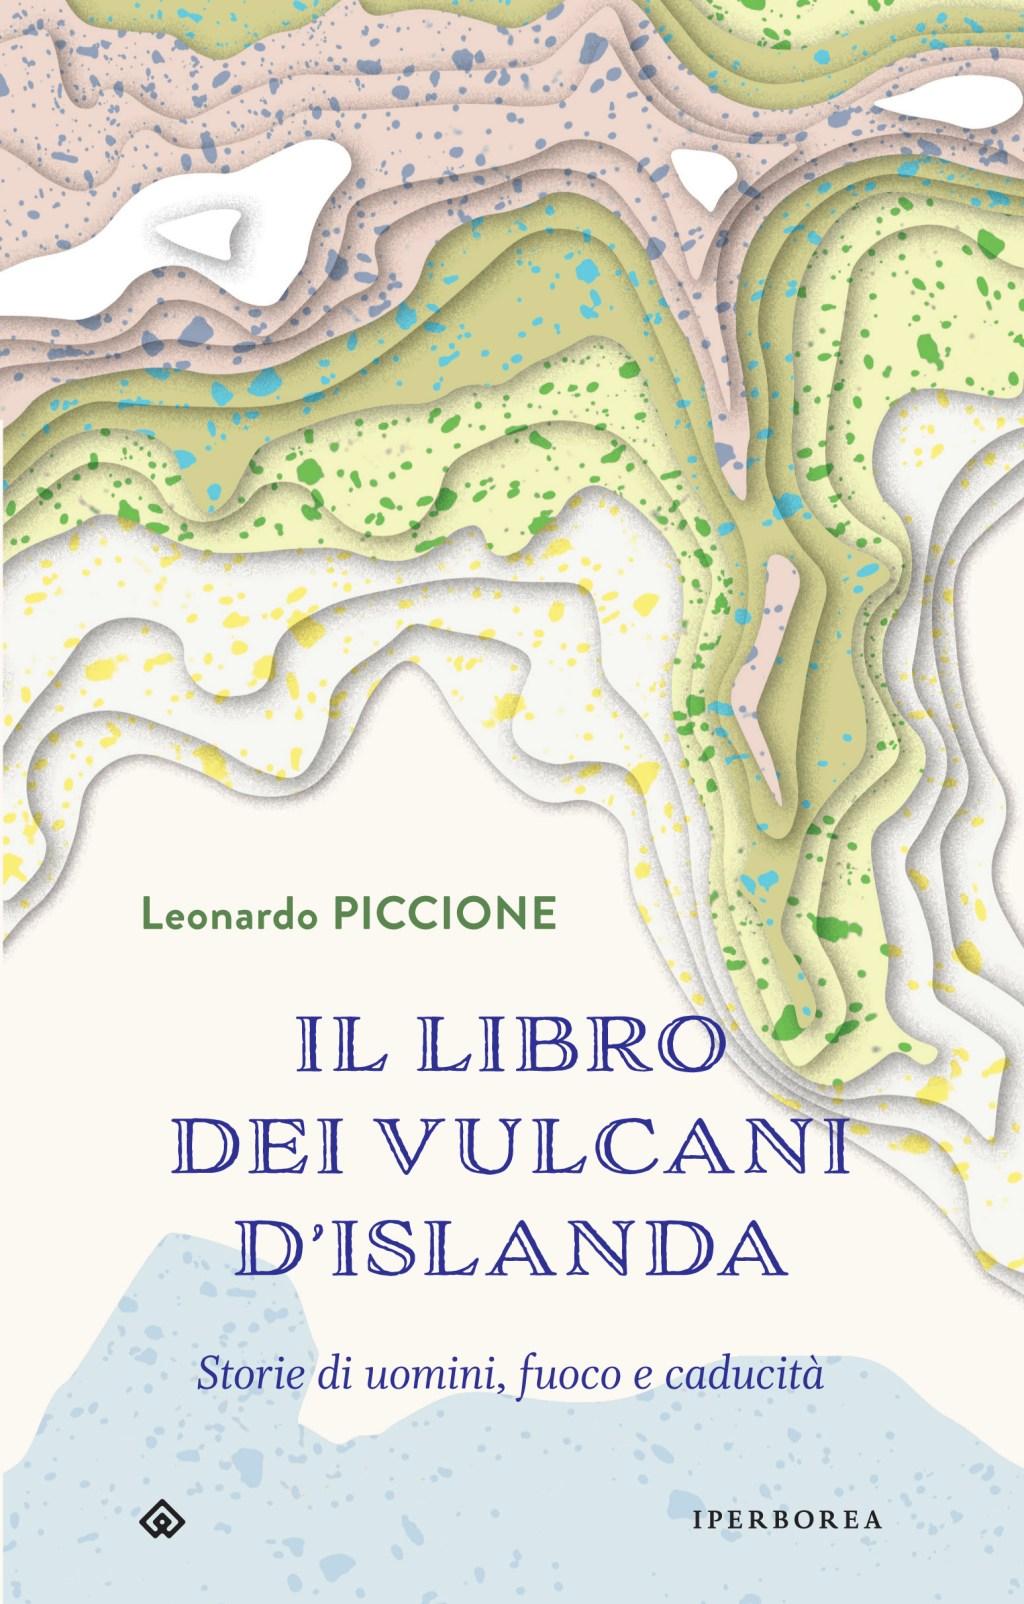 Leonardo Piccione